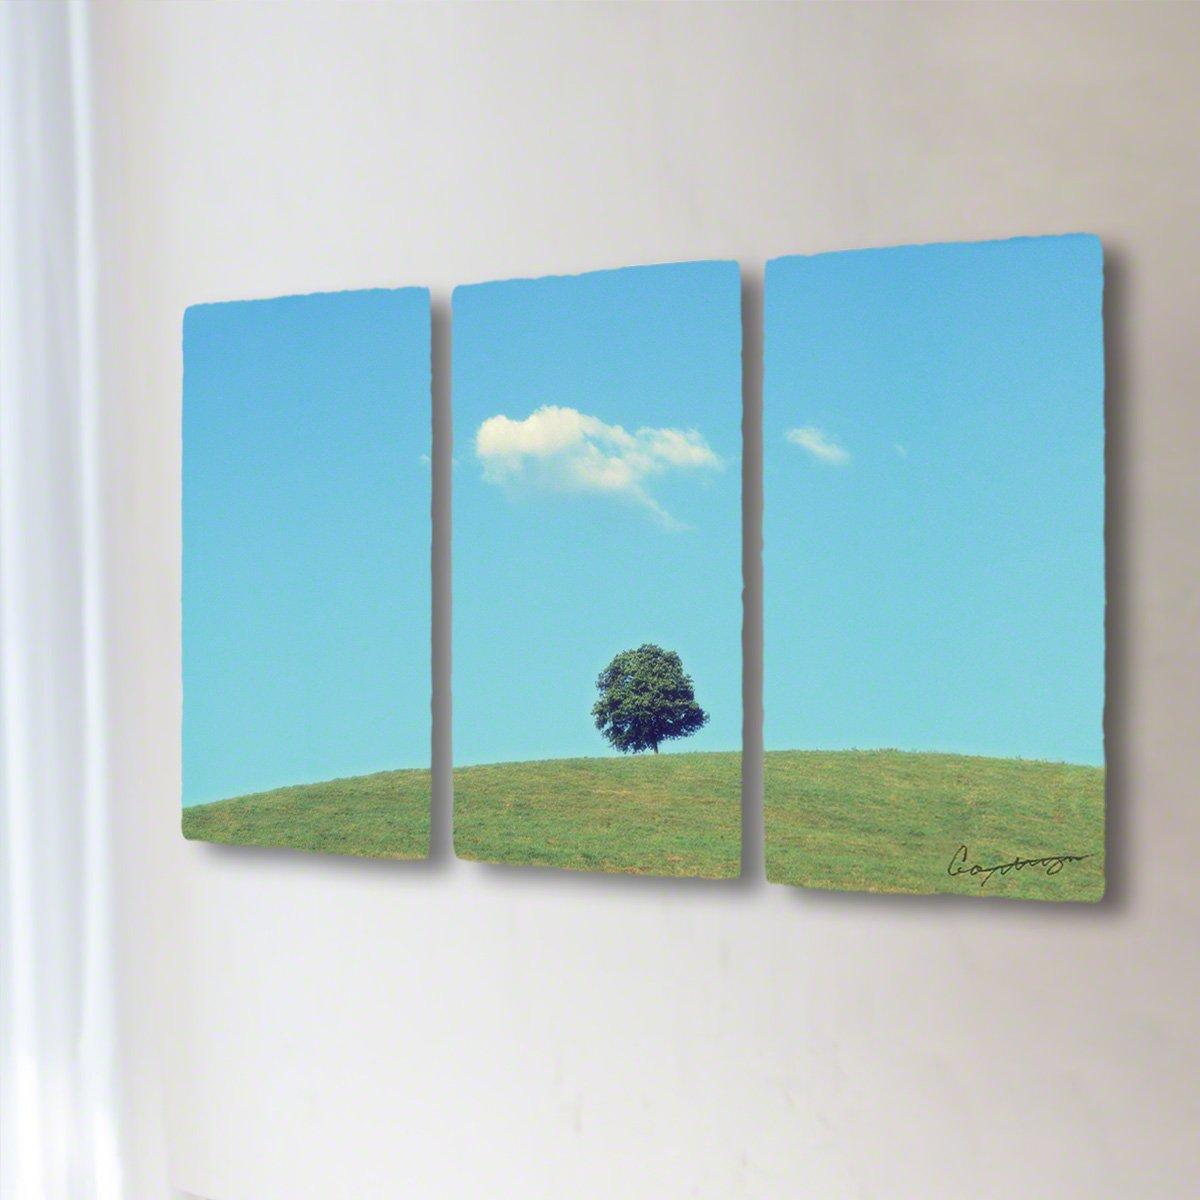 和紙 アートパネル 3枚 続き 「丘の上の木とはぐれ雲」 (64x36cm) 絵 絵画 壁掛け 壁飾り インテリア アート B07BHY6M51 32.アートパネル3枚続き(長辺64cm) 24800円|丘の上の木とはぐれ雲 丘の上の木とはぐれ雲 32.アートパネル3枚続き(長辺64cm) 24800円